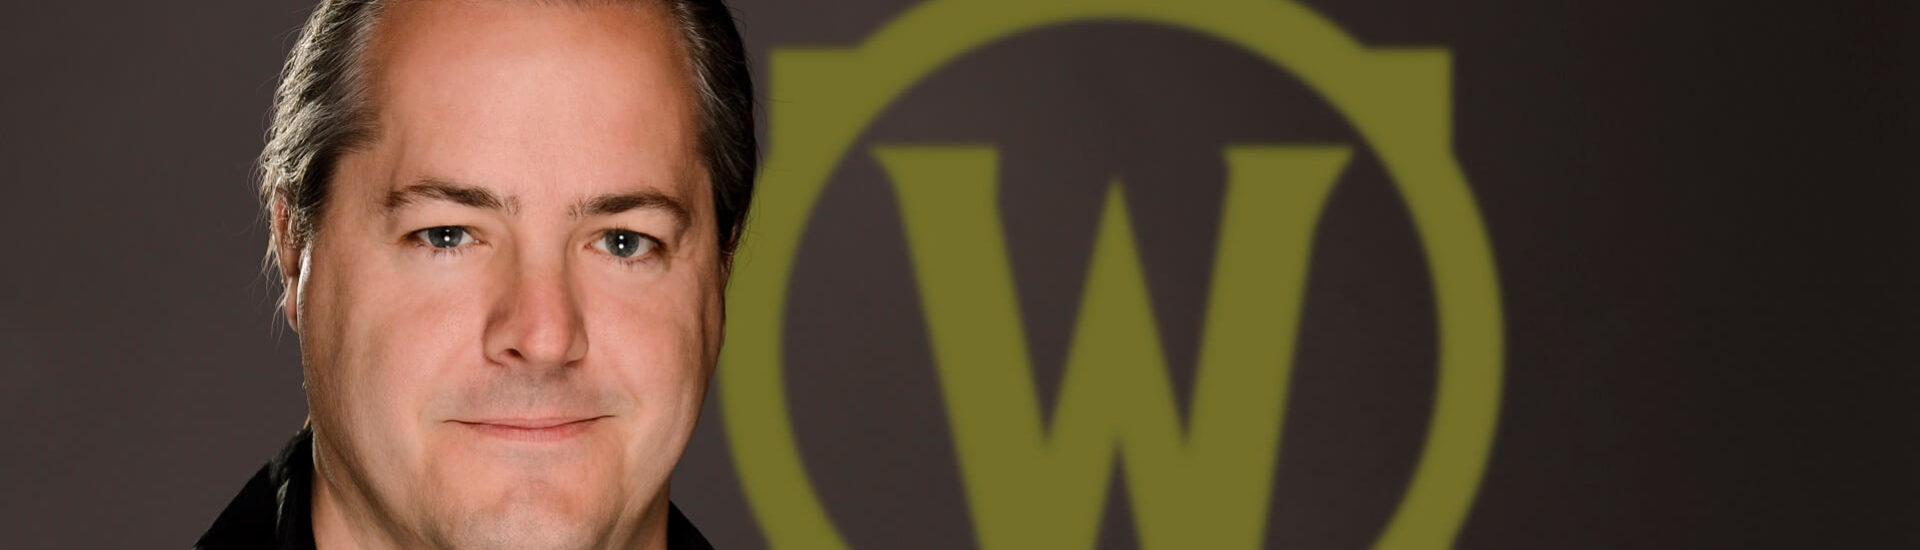 Activision Blizzard: J. Allen Brack verlässt Blizzard